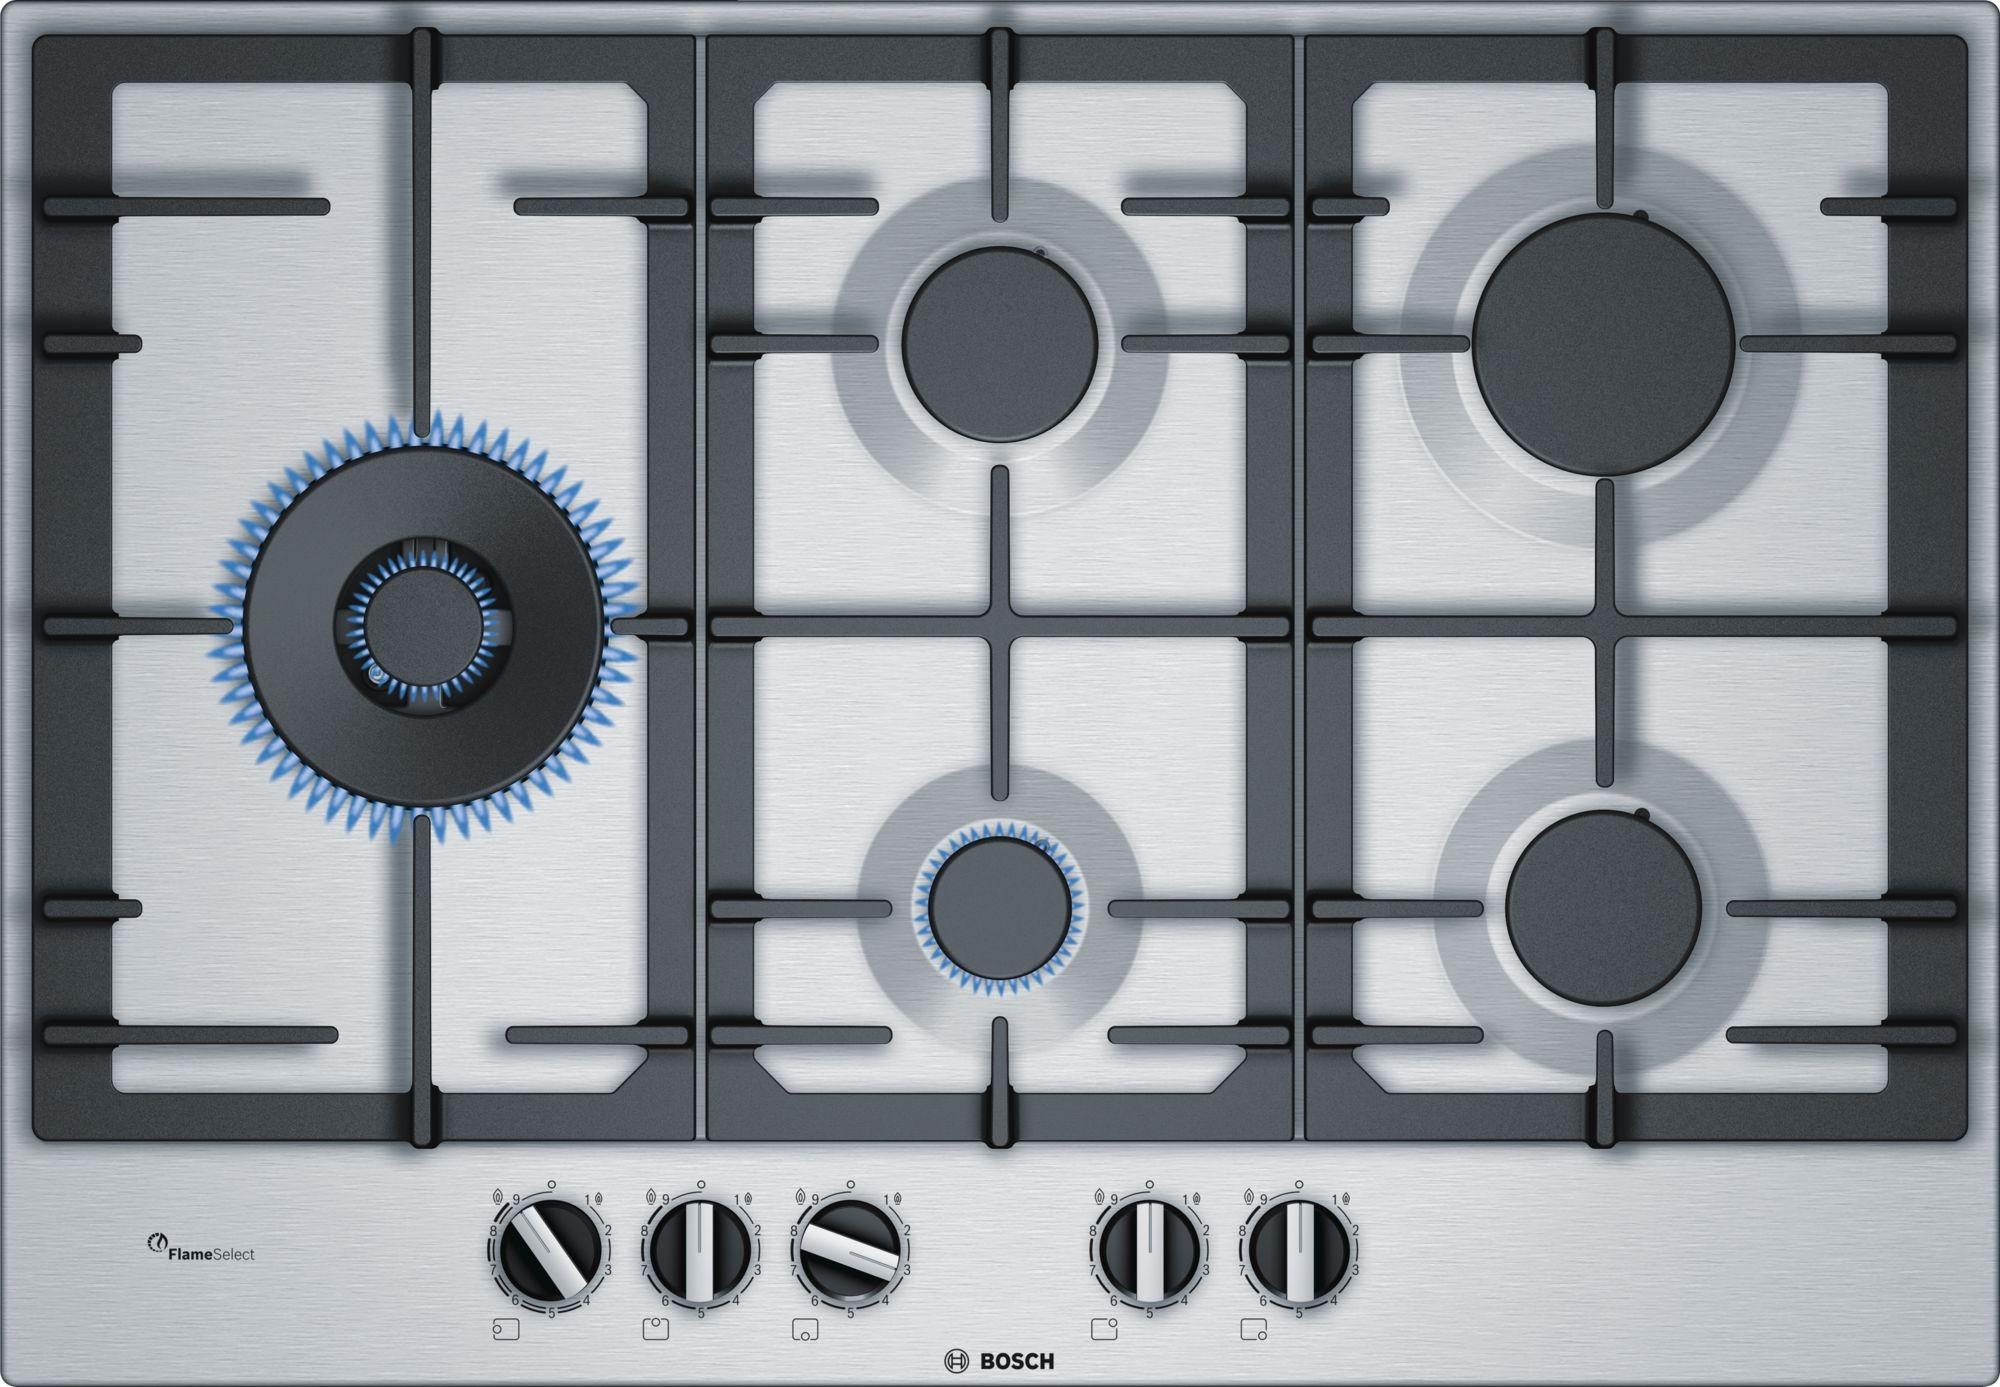 PIANO COTTURA BOSCH PCS7A5B90 5 FUOCHI TRIPLA CORONA 75 CM INOX ...